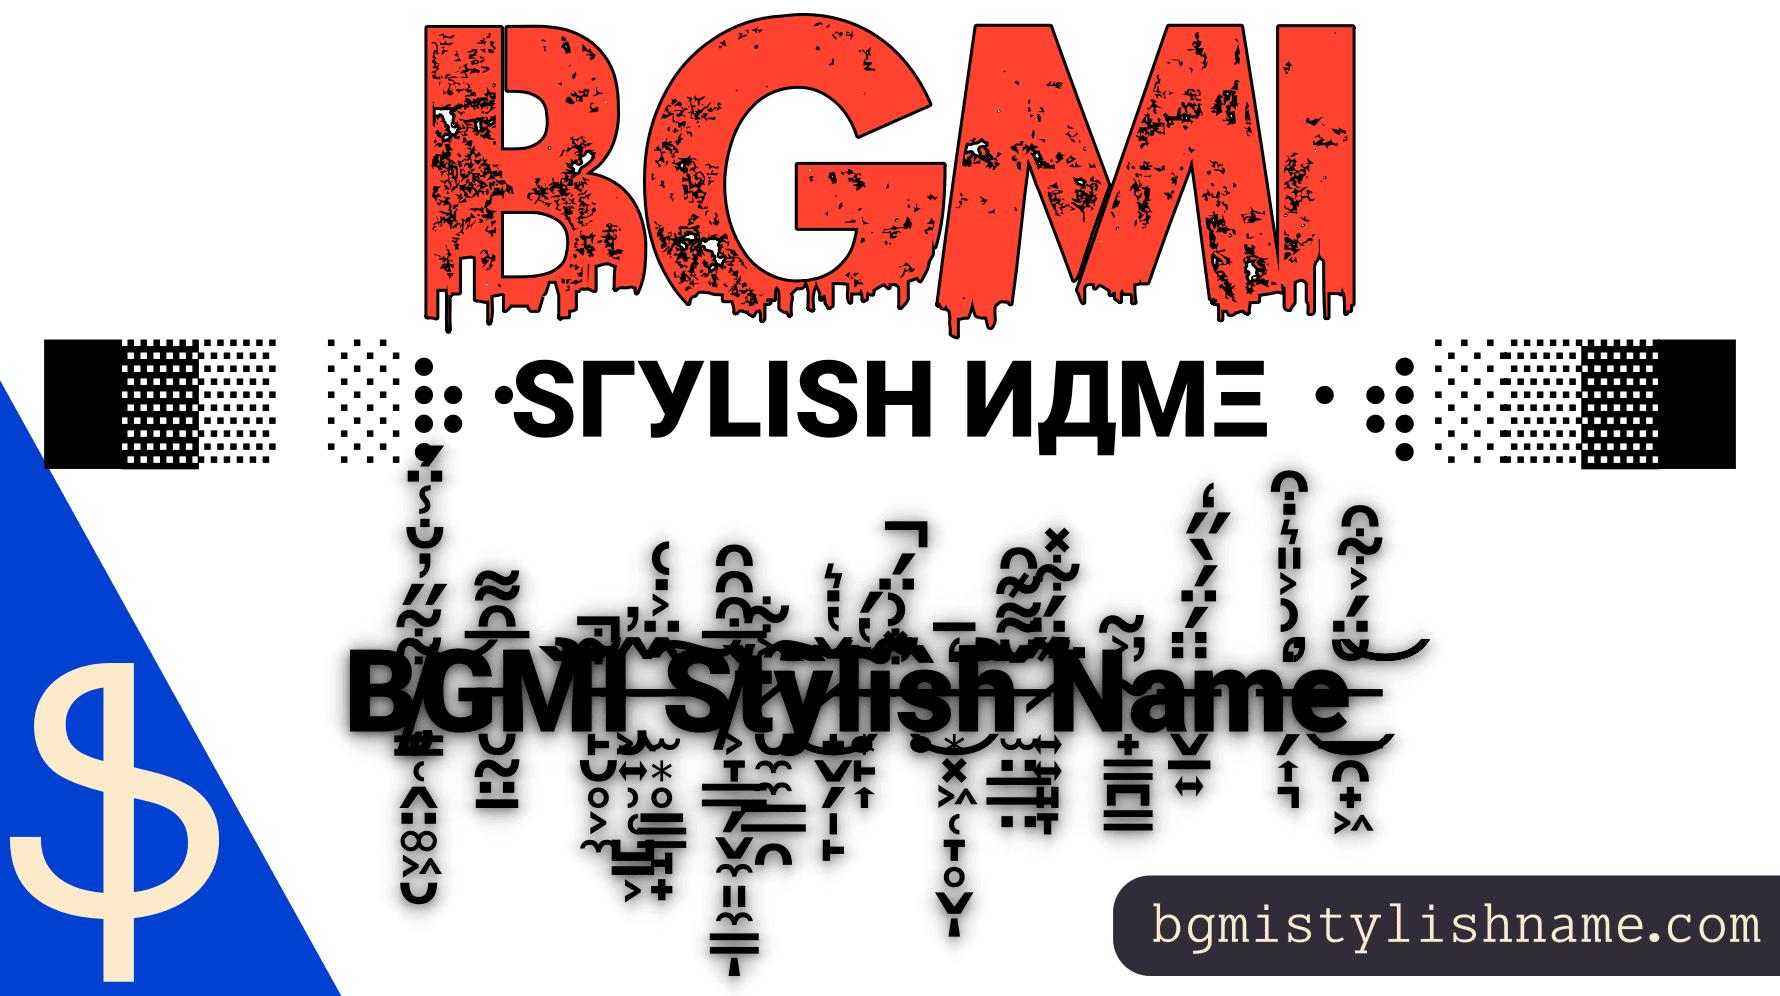 bgmi Stylish Name